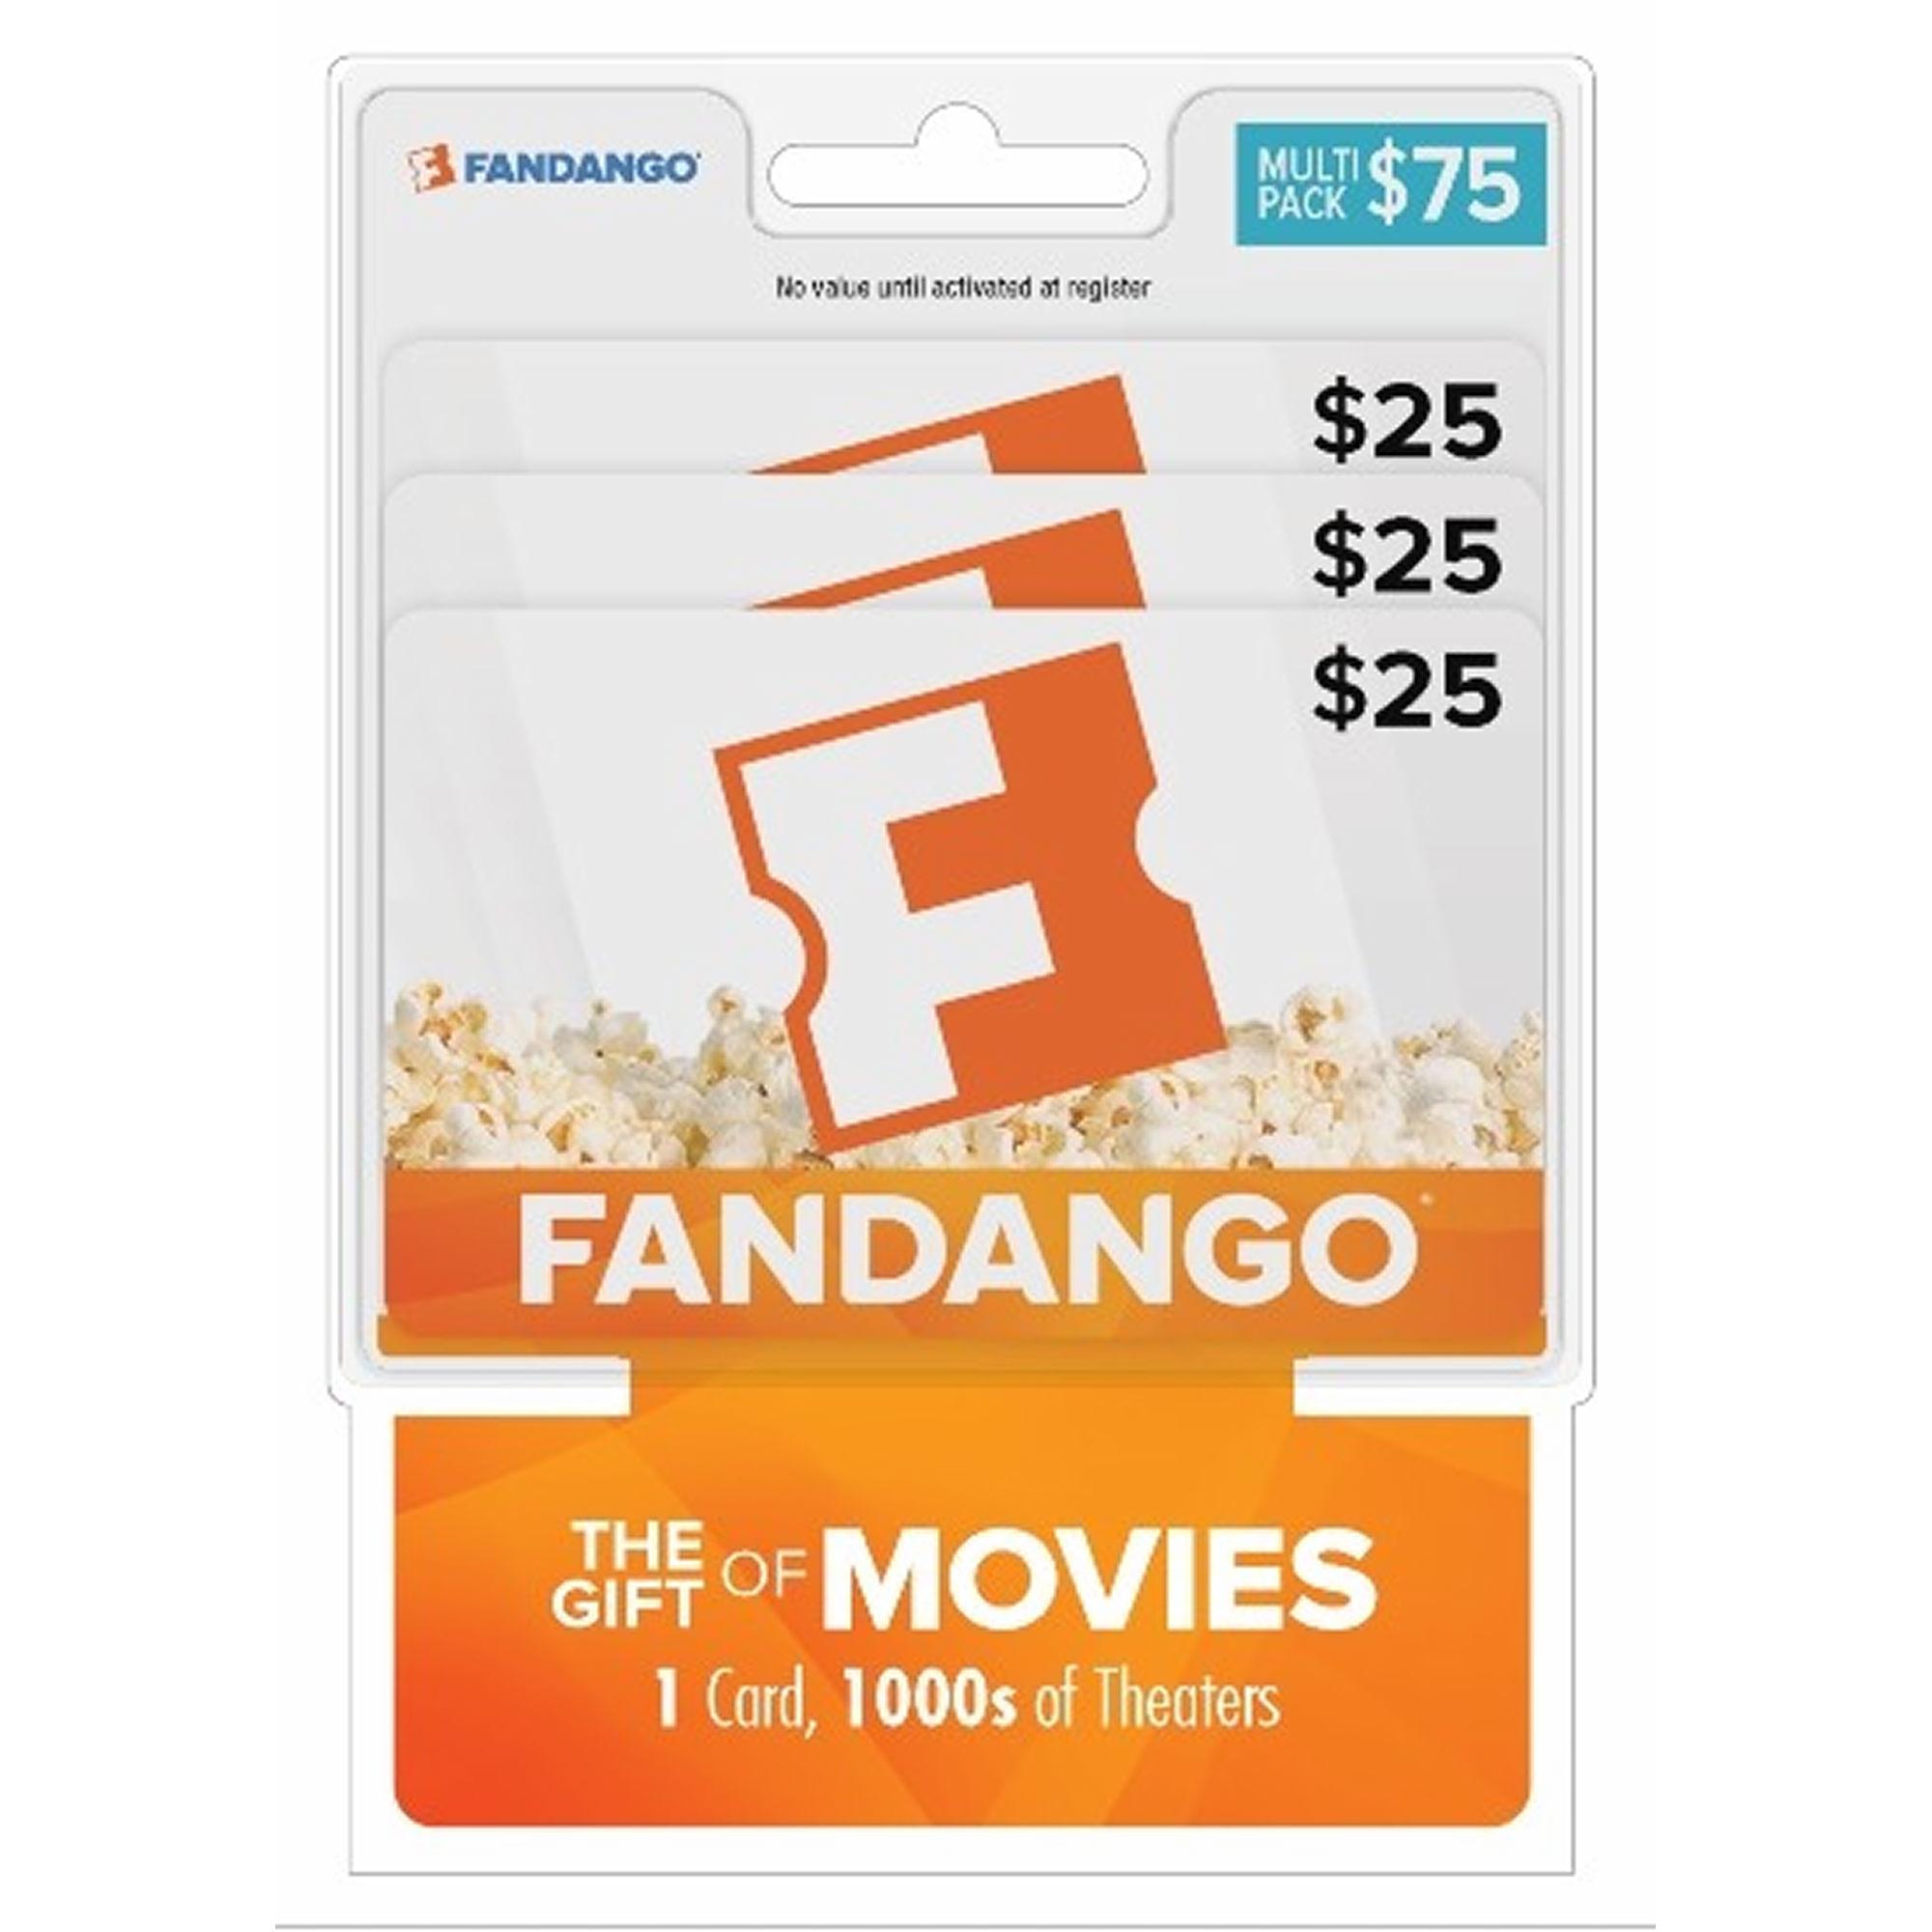 Fandango $75 Gift Card for $57 @ BJs - Free shipping